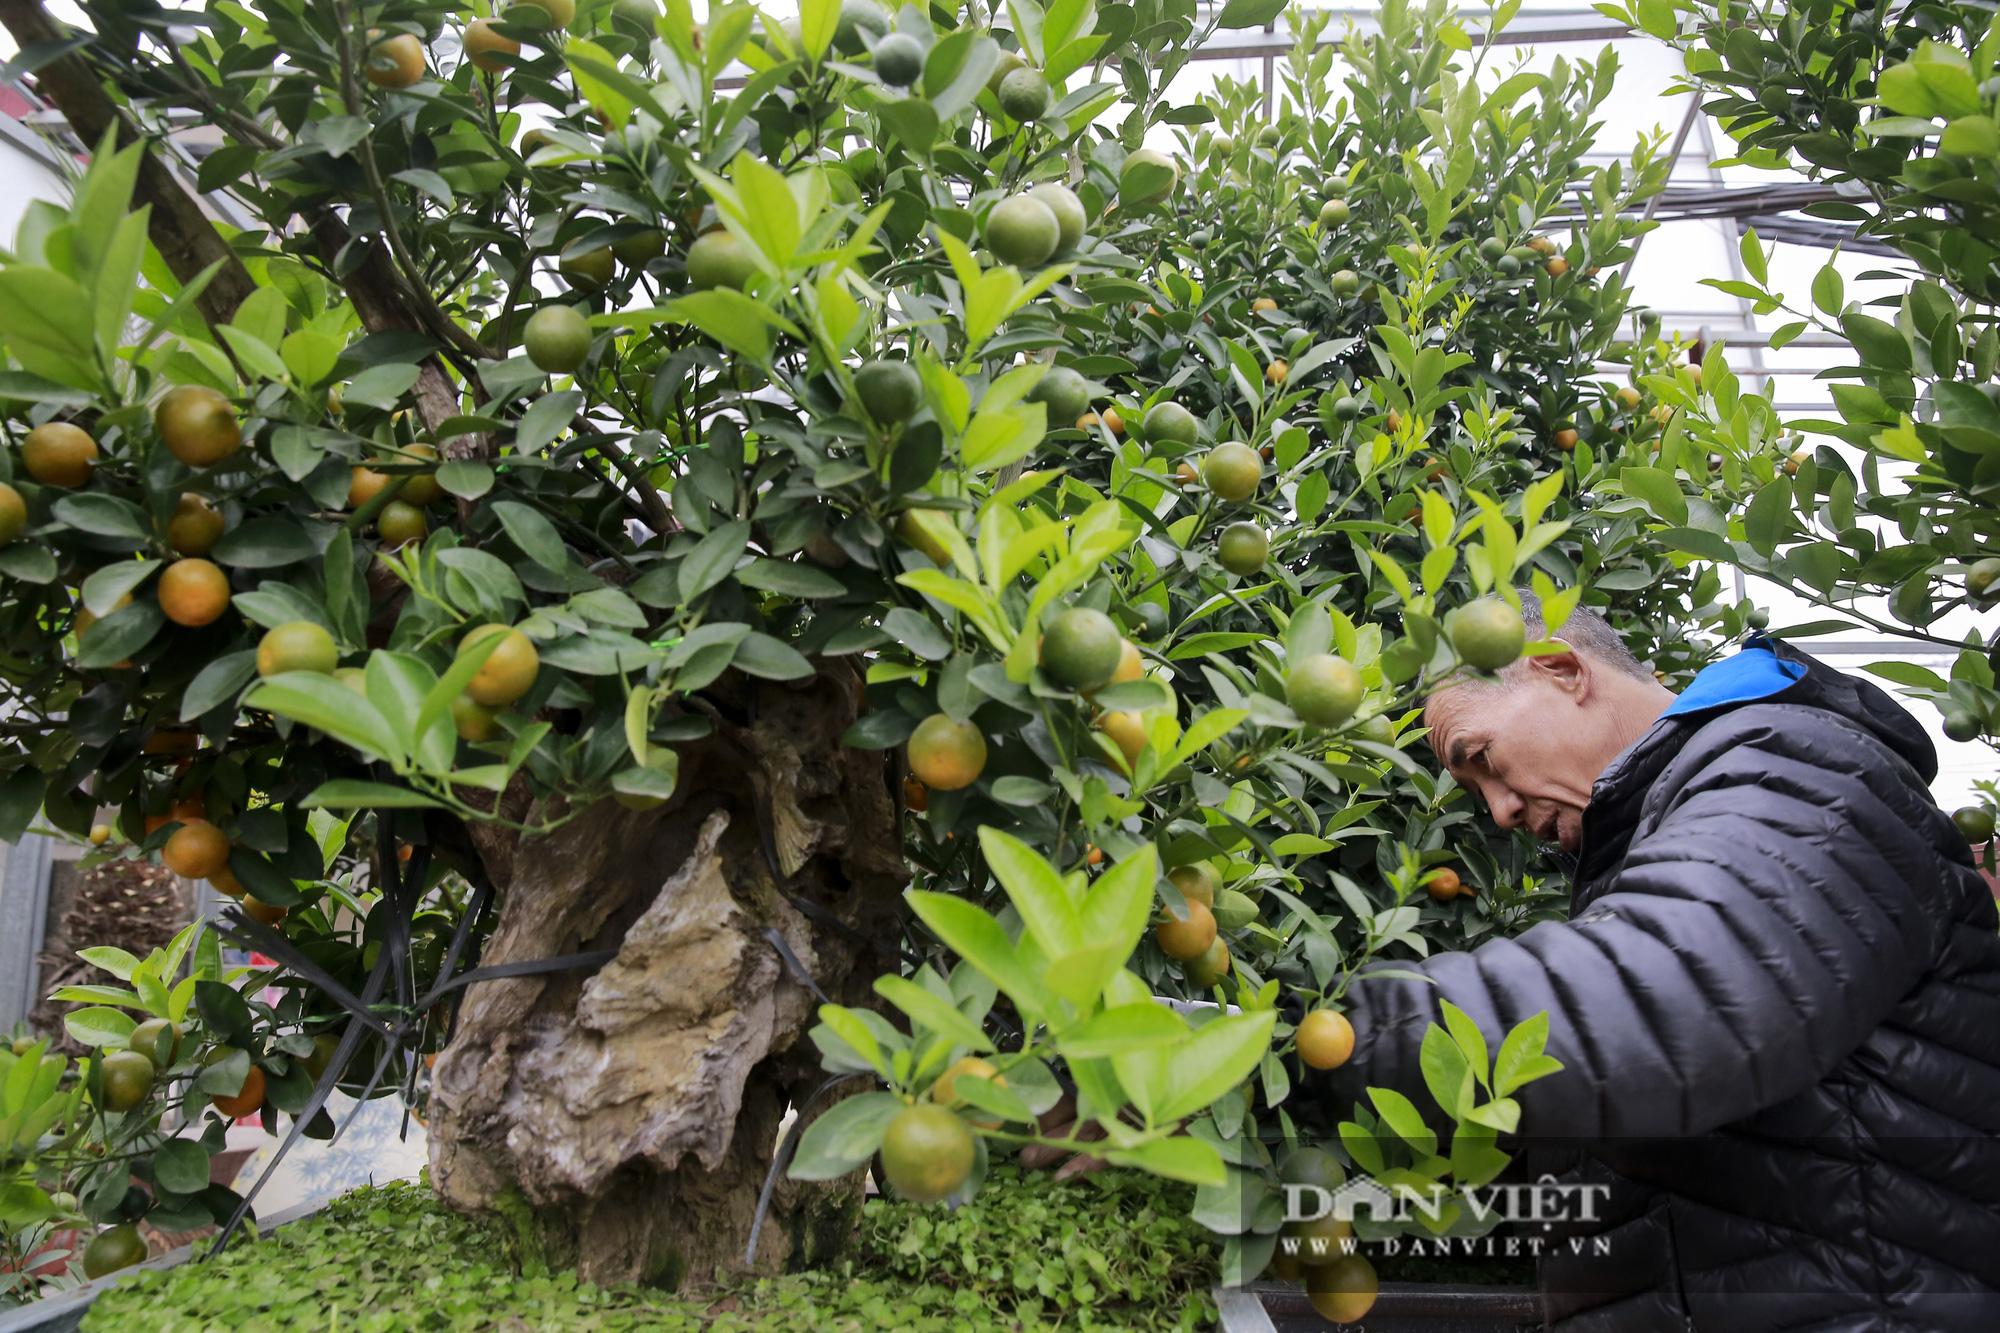 Cực phẩm quất ghép gỗ lũa giá ngàn đô thu hút giới nhà giàu chơi Tết Tân Sửu 2021 - Ảnh 5.